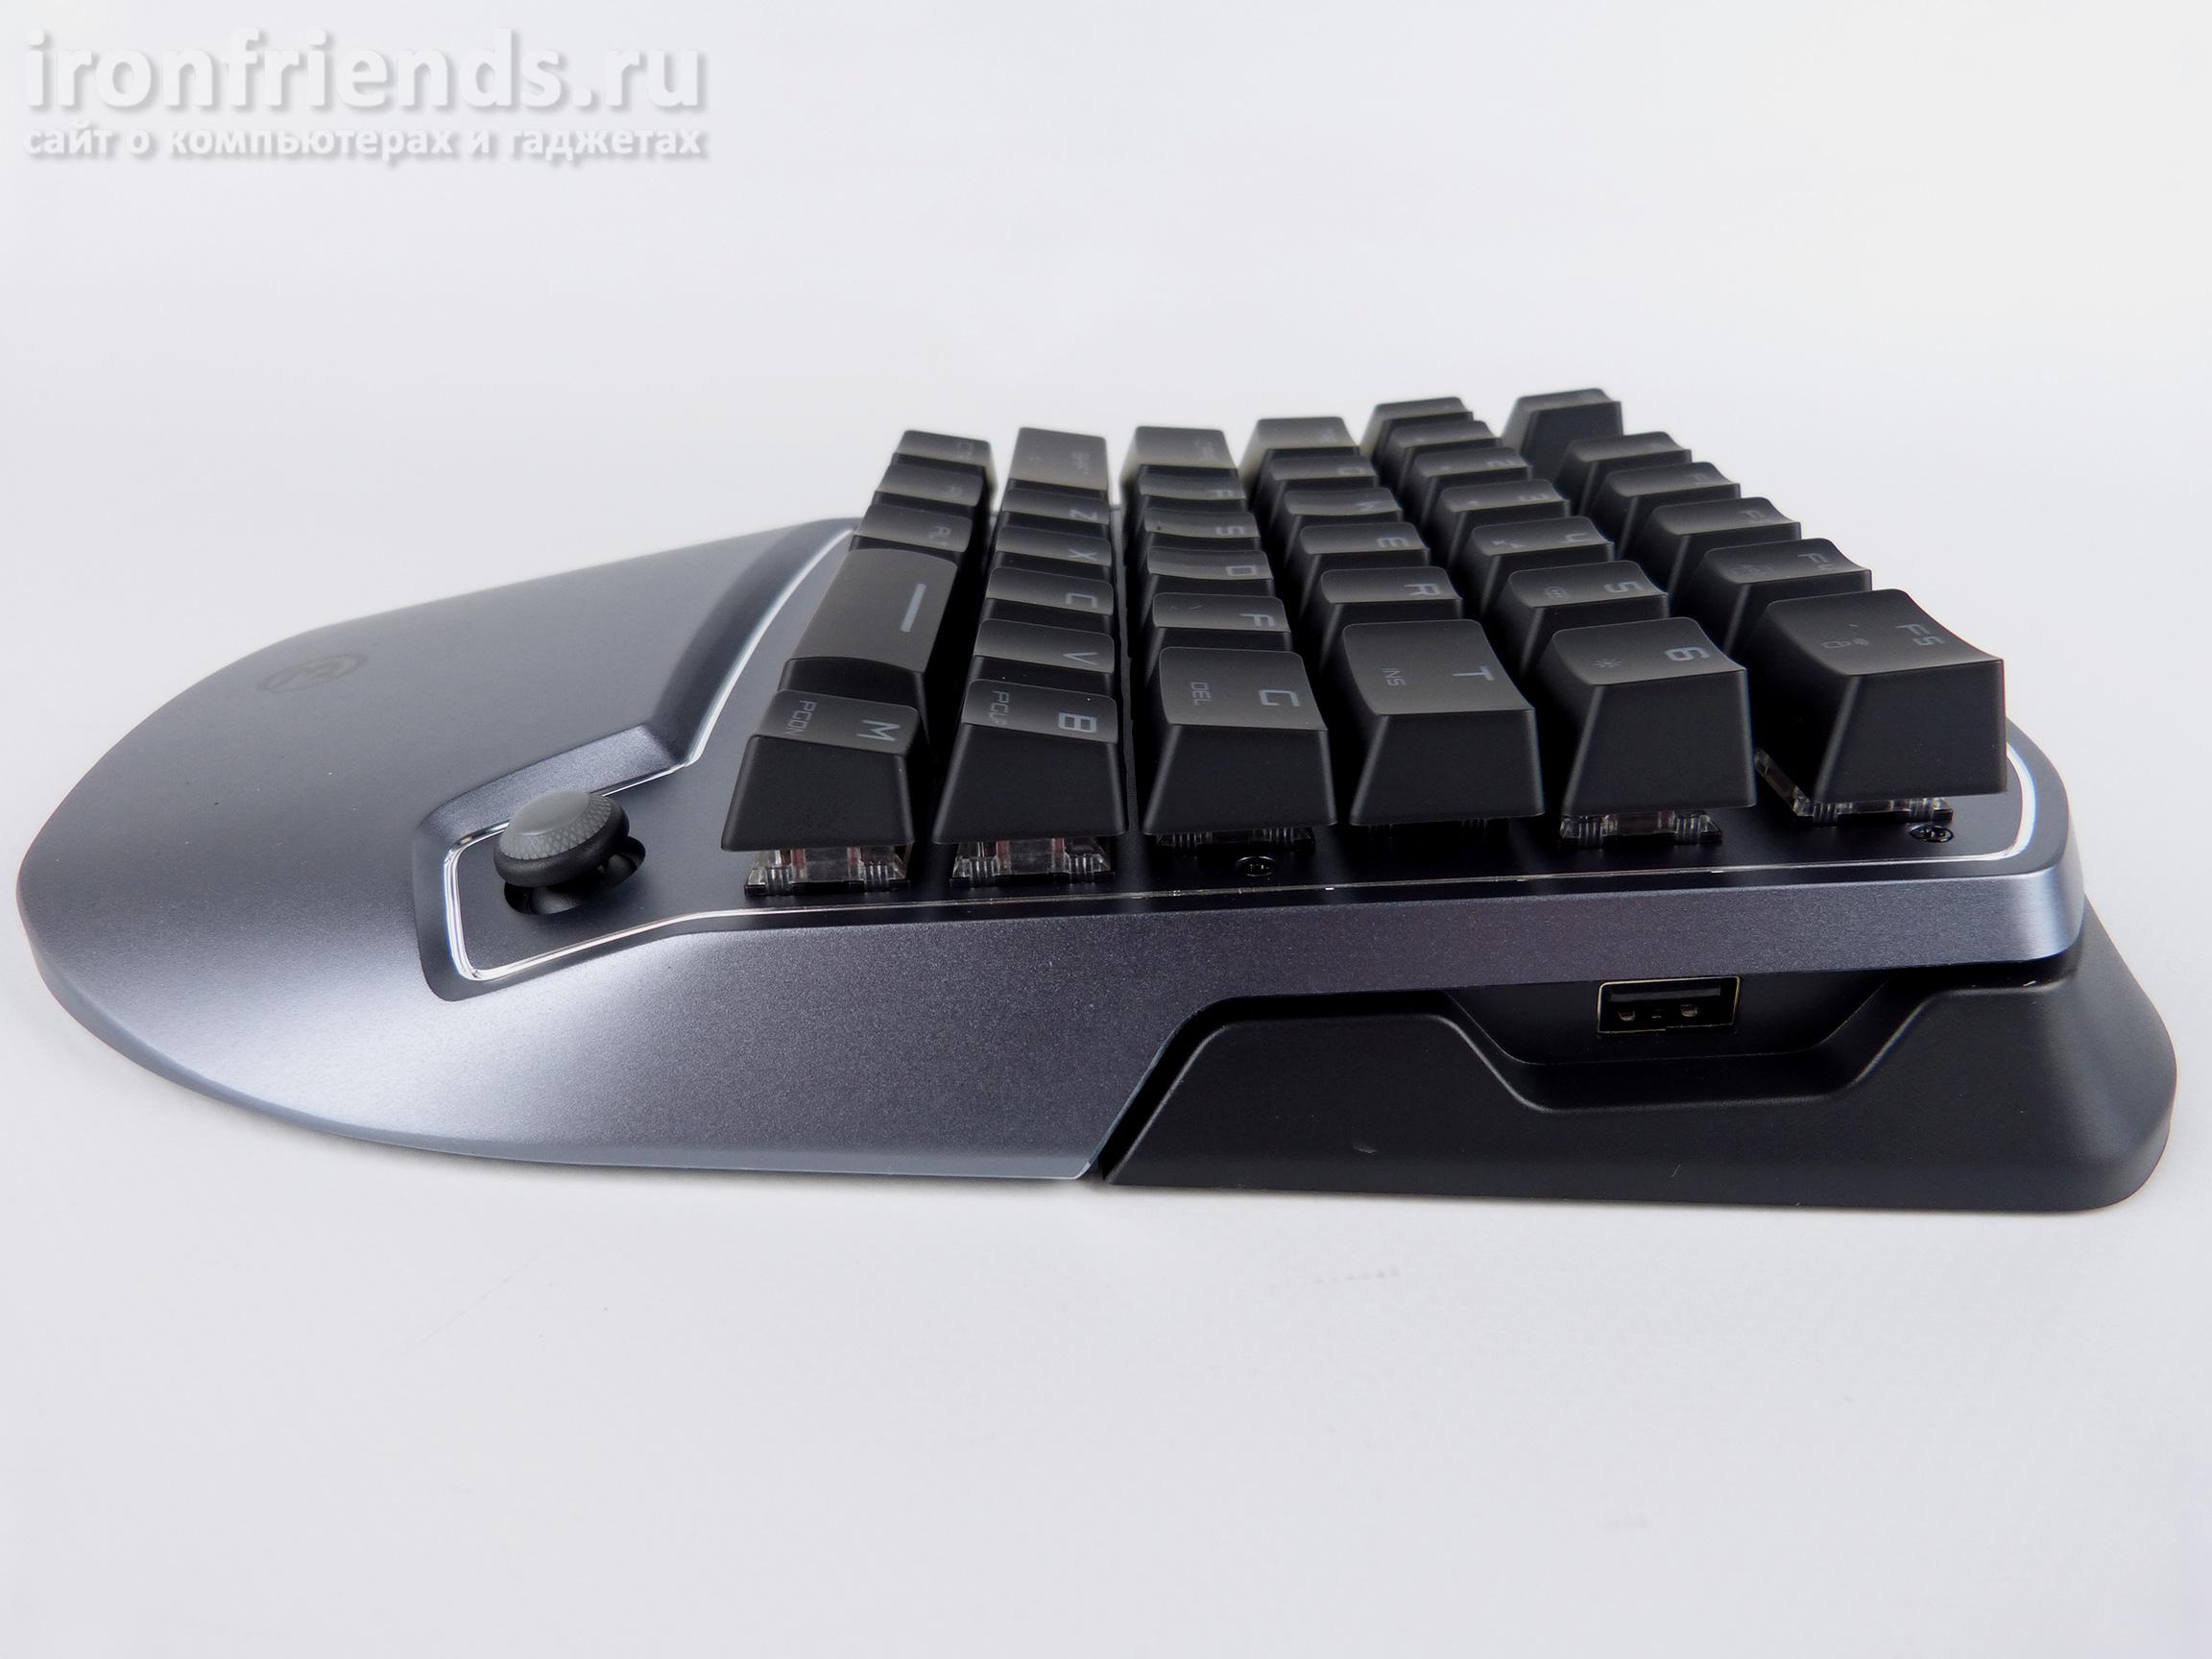 Игровой кейпад GameSir VX2